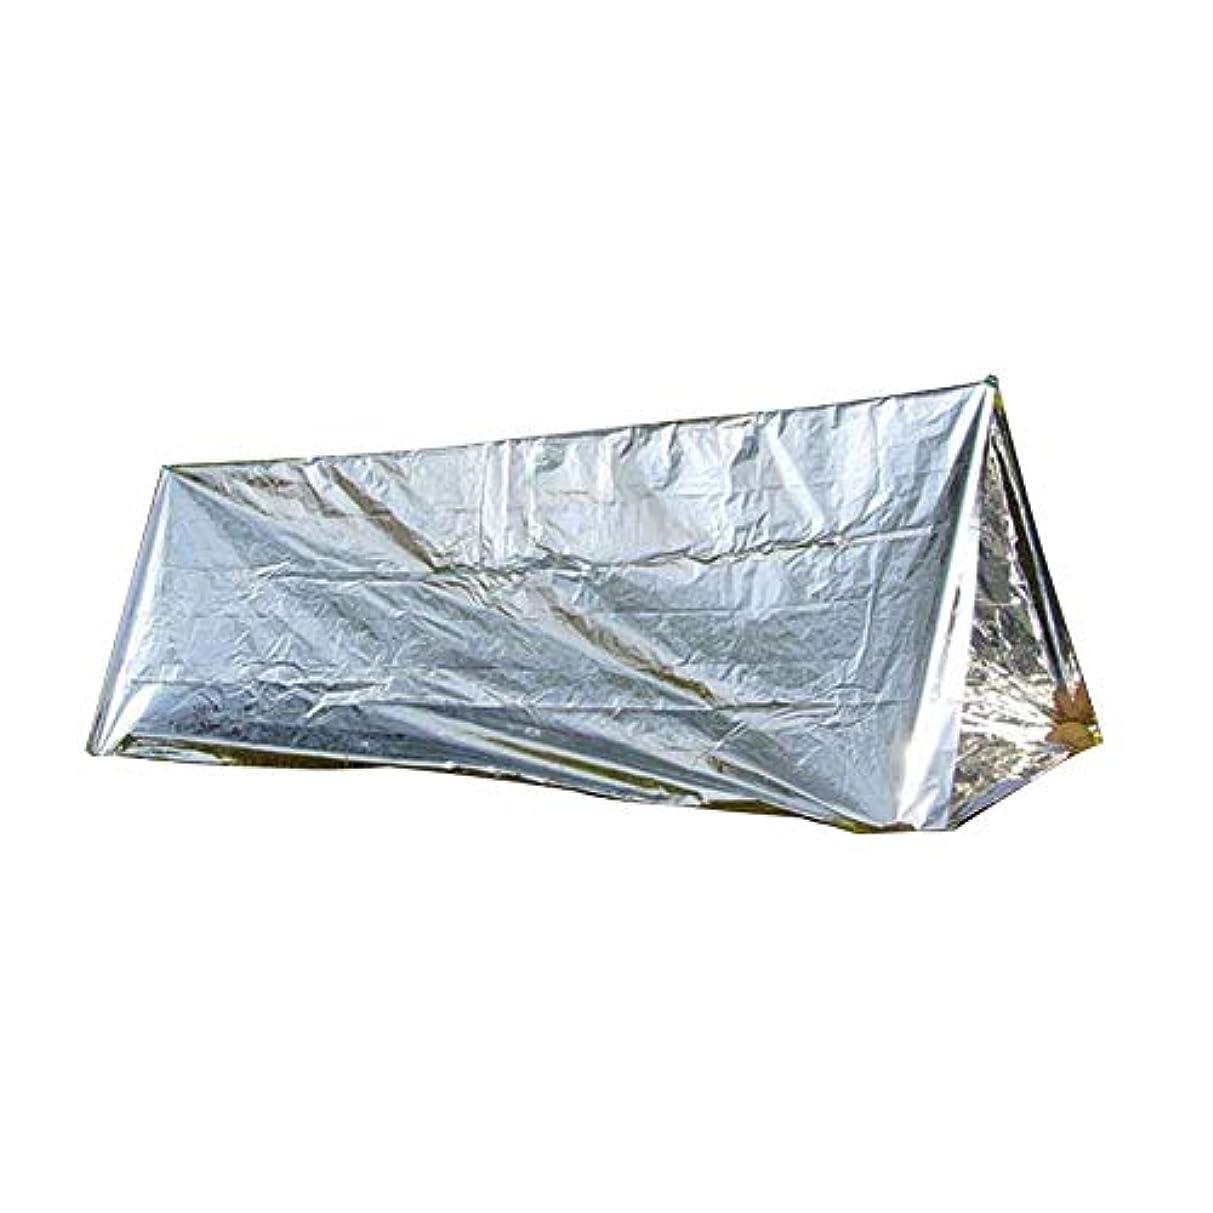 レジ漫画石膏Smile緊急ブランケット 応急処置用テント 防水旅行キャンプテント ポータブル多機能 日焼け止めサバイバル 天候保護 1個